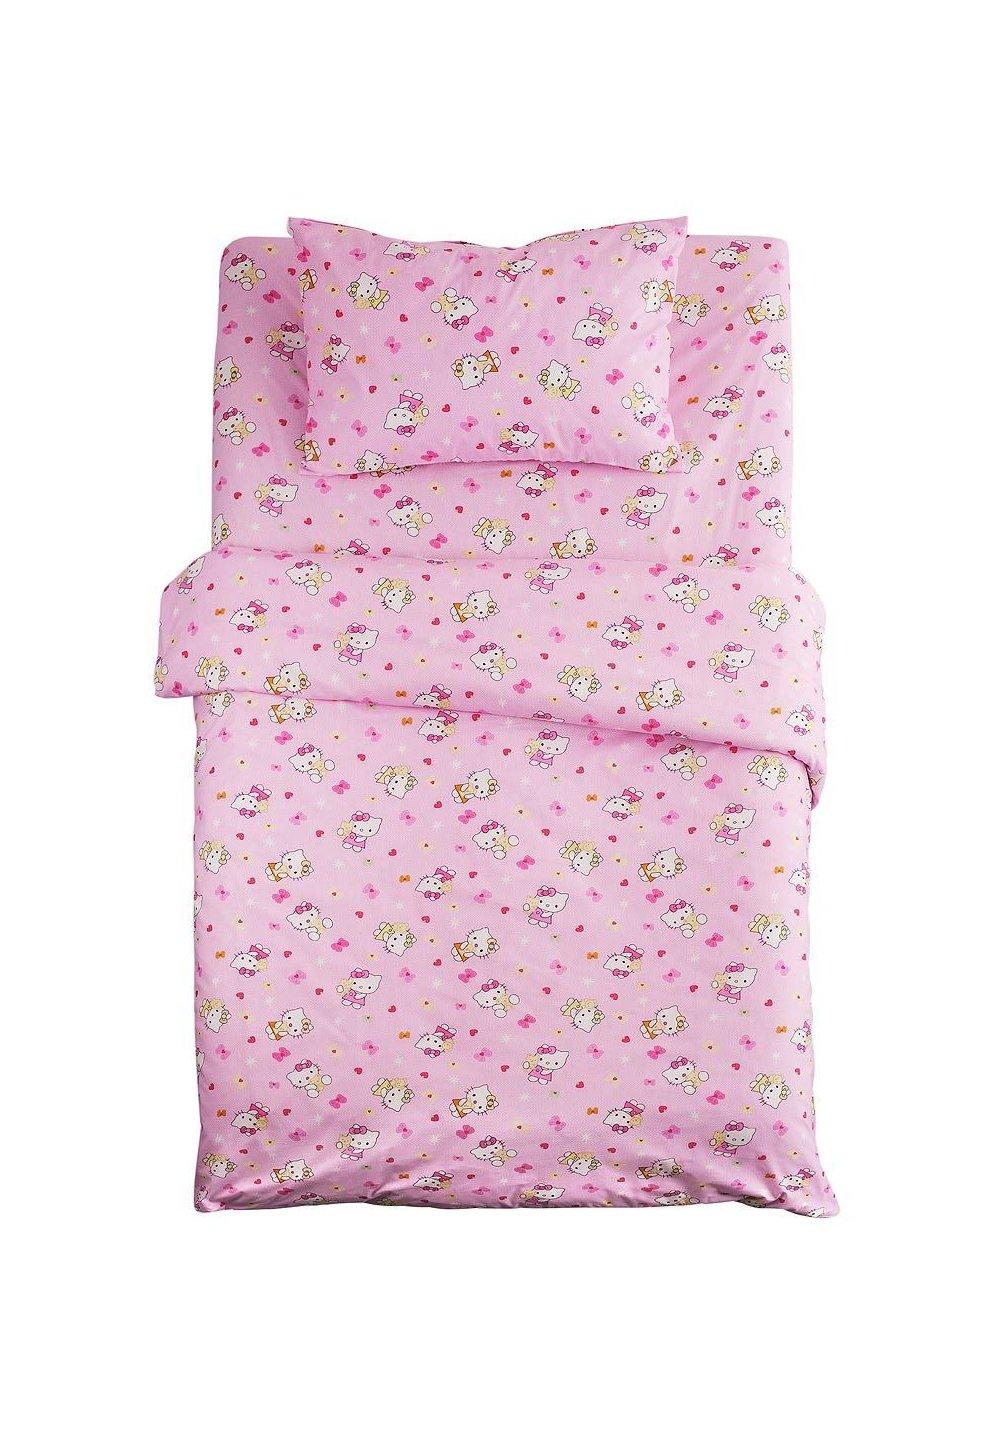 Lenjerie de pat, Hello Kitty roz, 3 piese, 160x200cm imagine